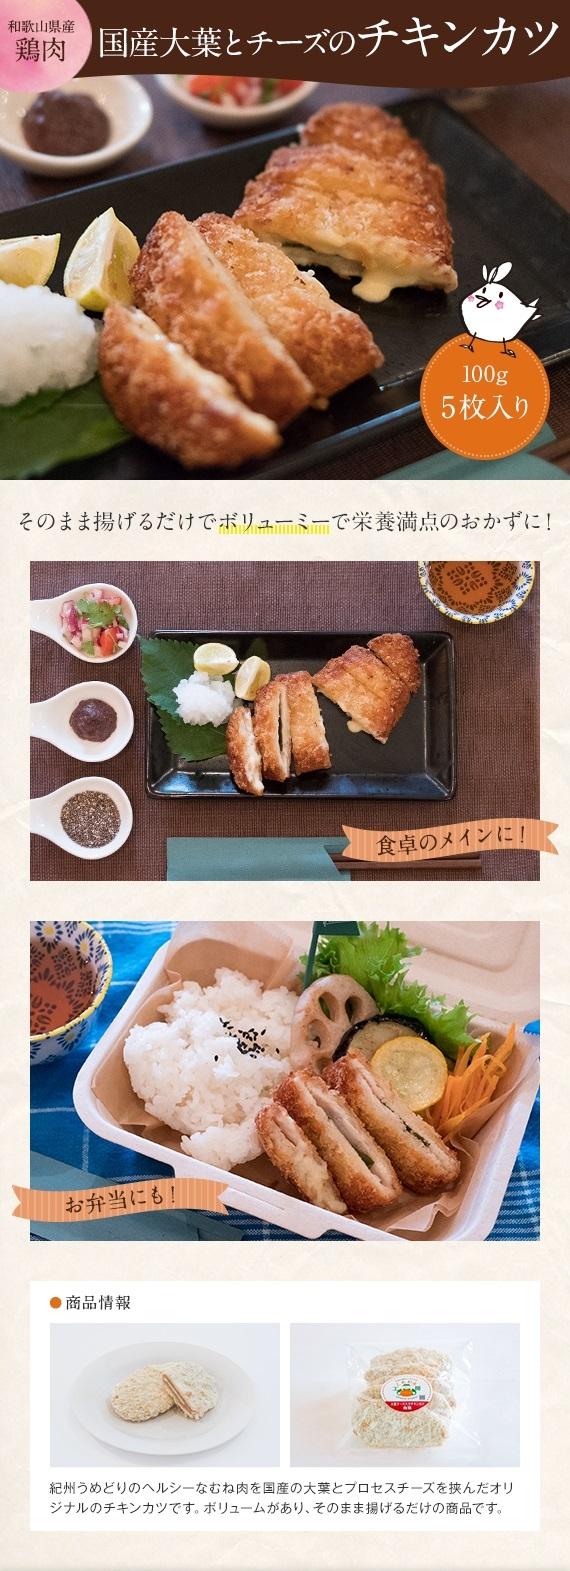 紀州うめどり 国産大葉とチーズ入りチキンカツ < 冷凍クール便 >